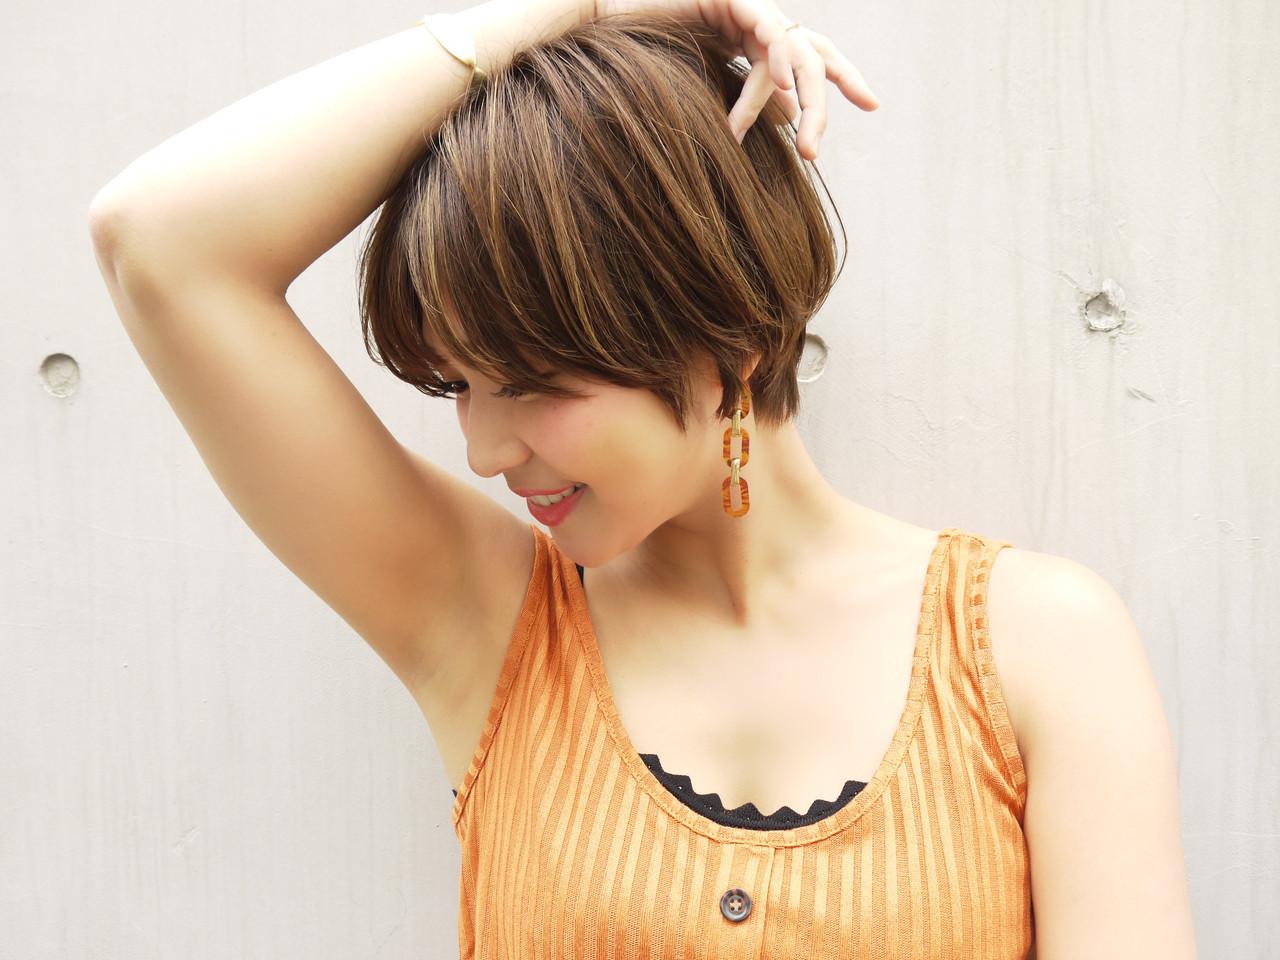 ショートボブ ショート ばっさり 大人かわいい ヘアスタイルや髪型の写真・画像